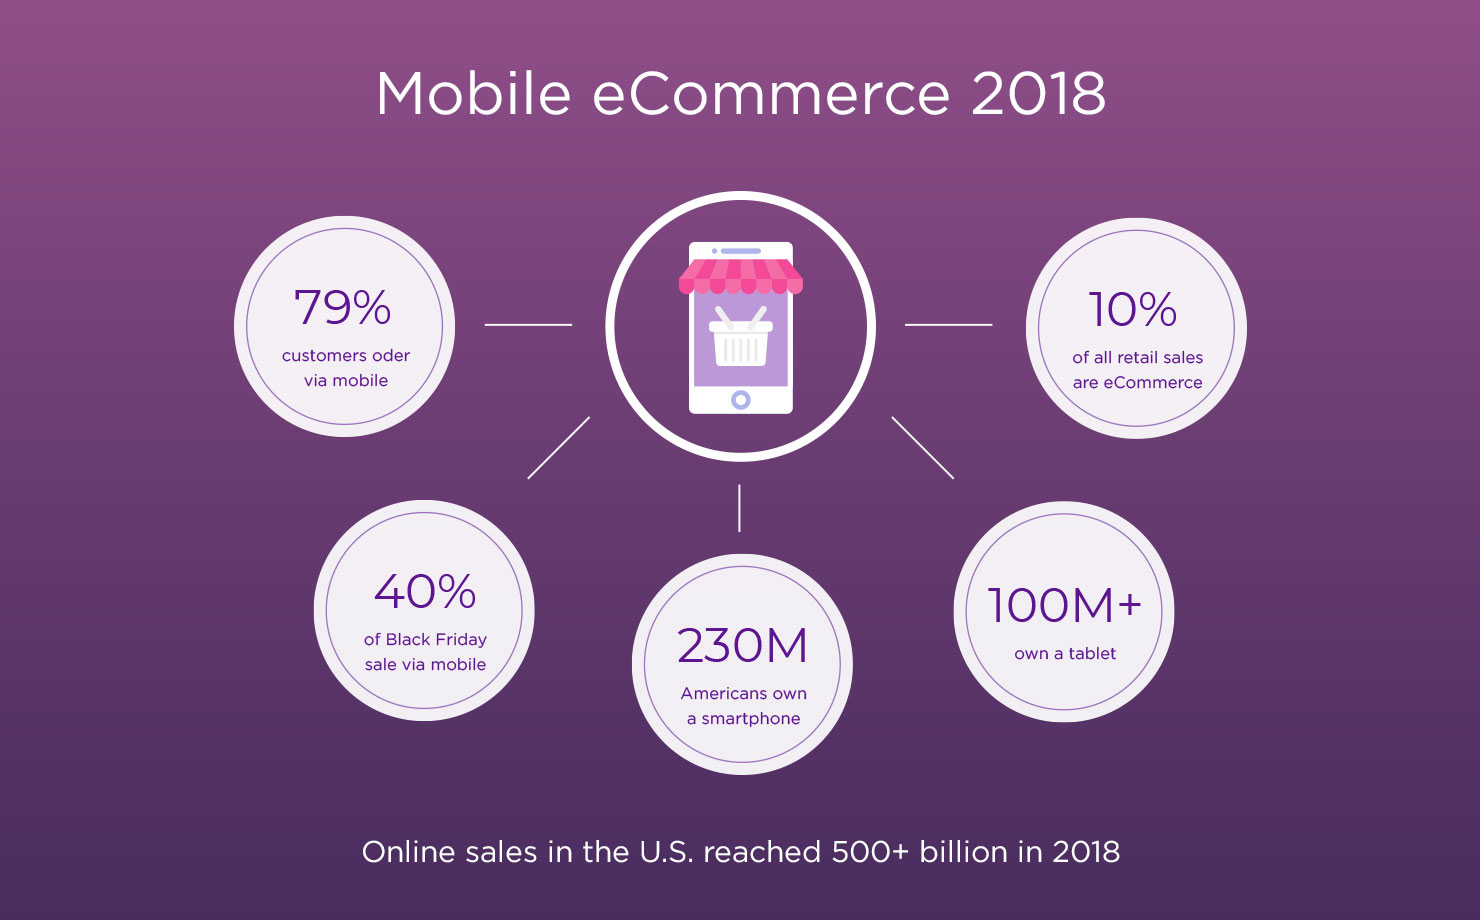 Mobile E-commerce 2018